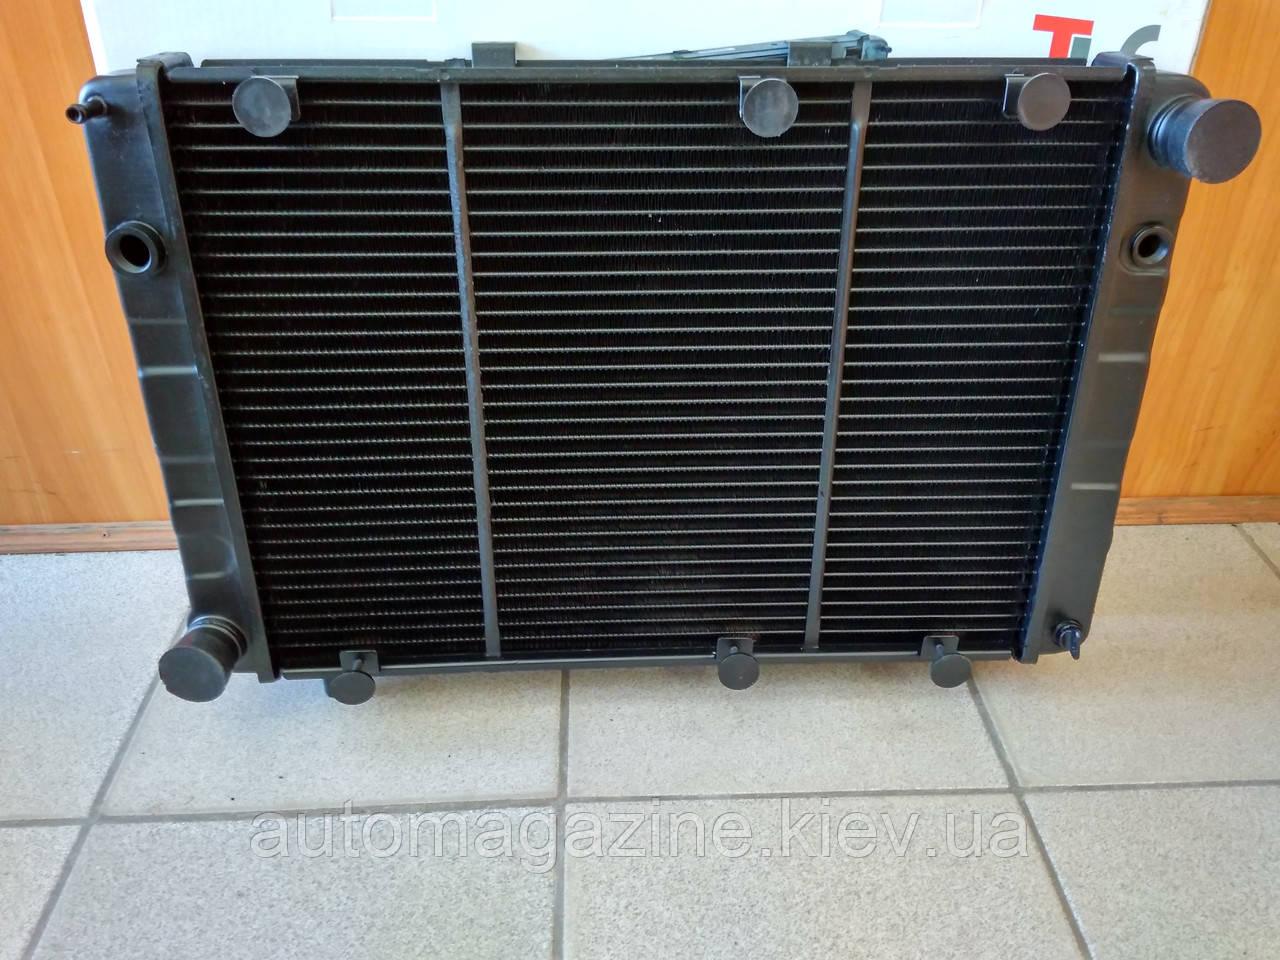 Радиатор охлаждения медный ГАЗ 3110 - 31105 (3-х рядный)